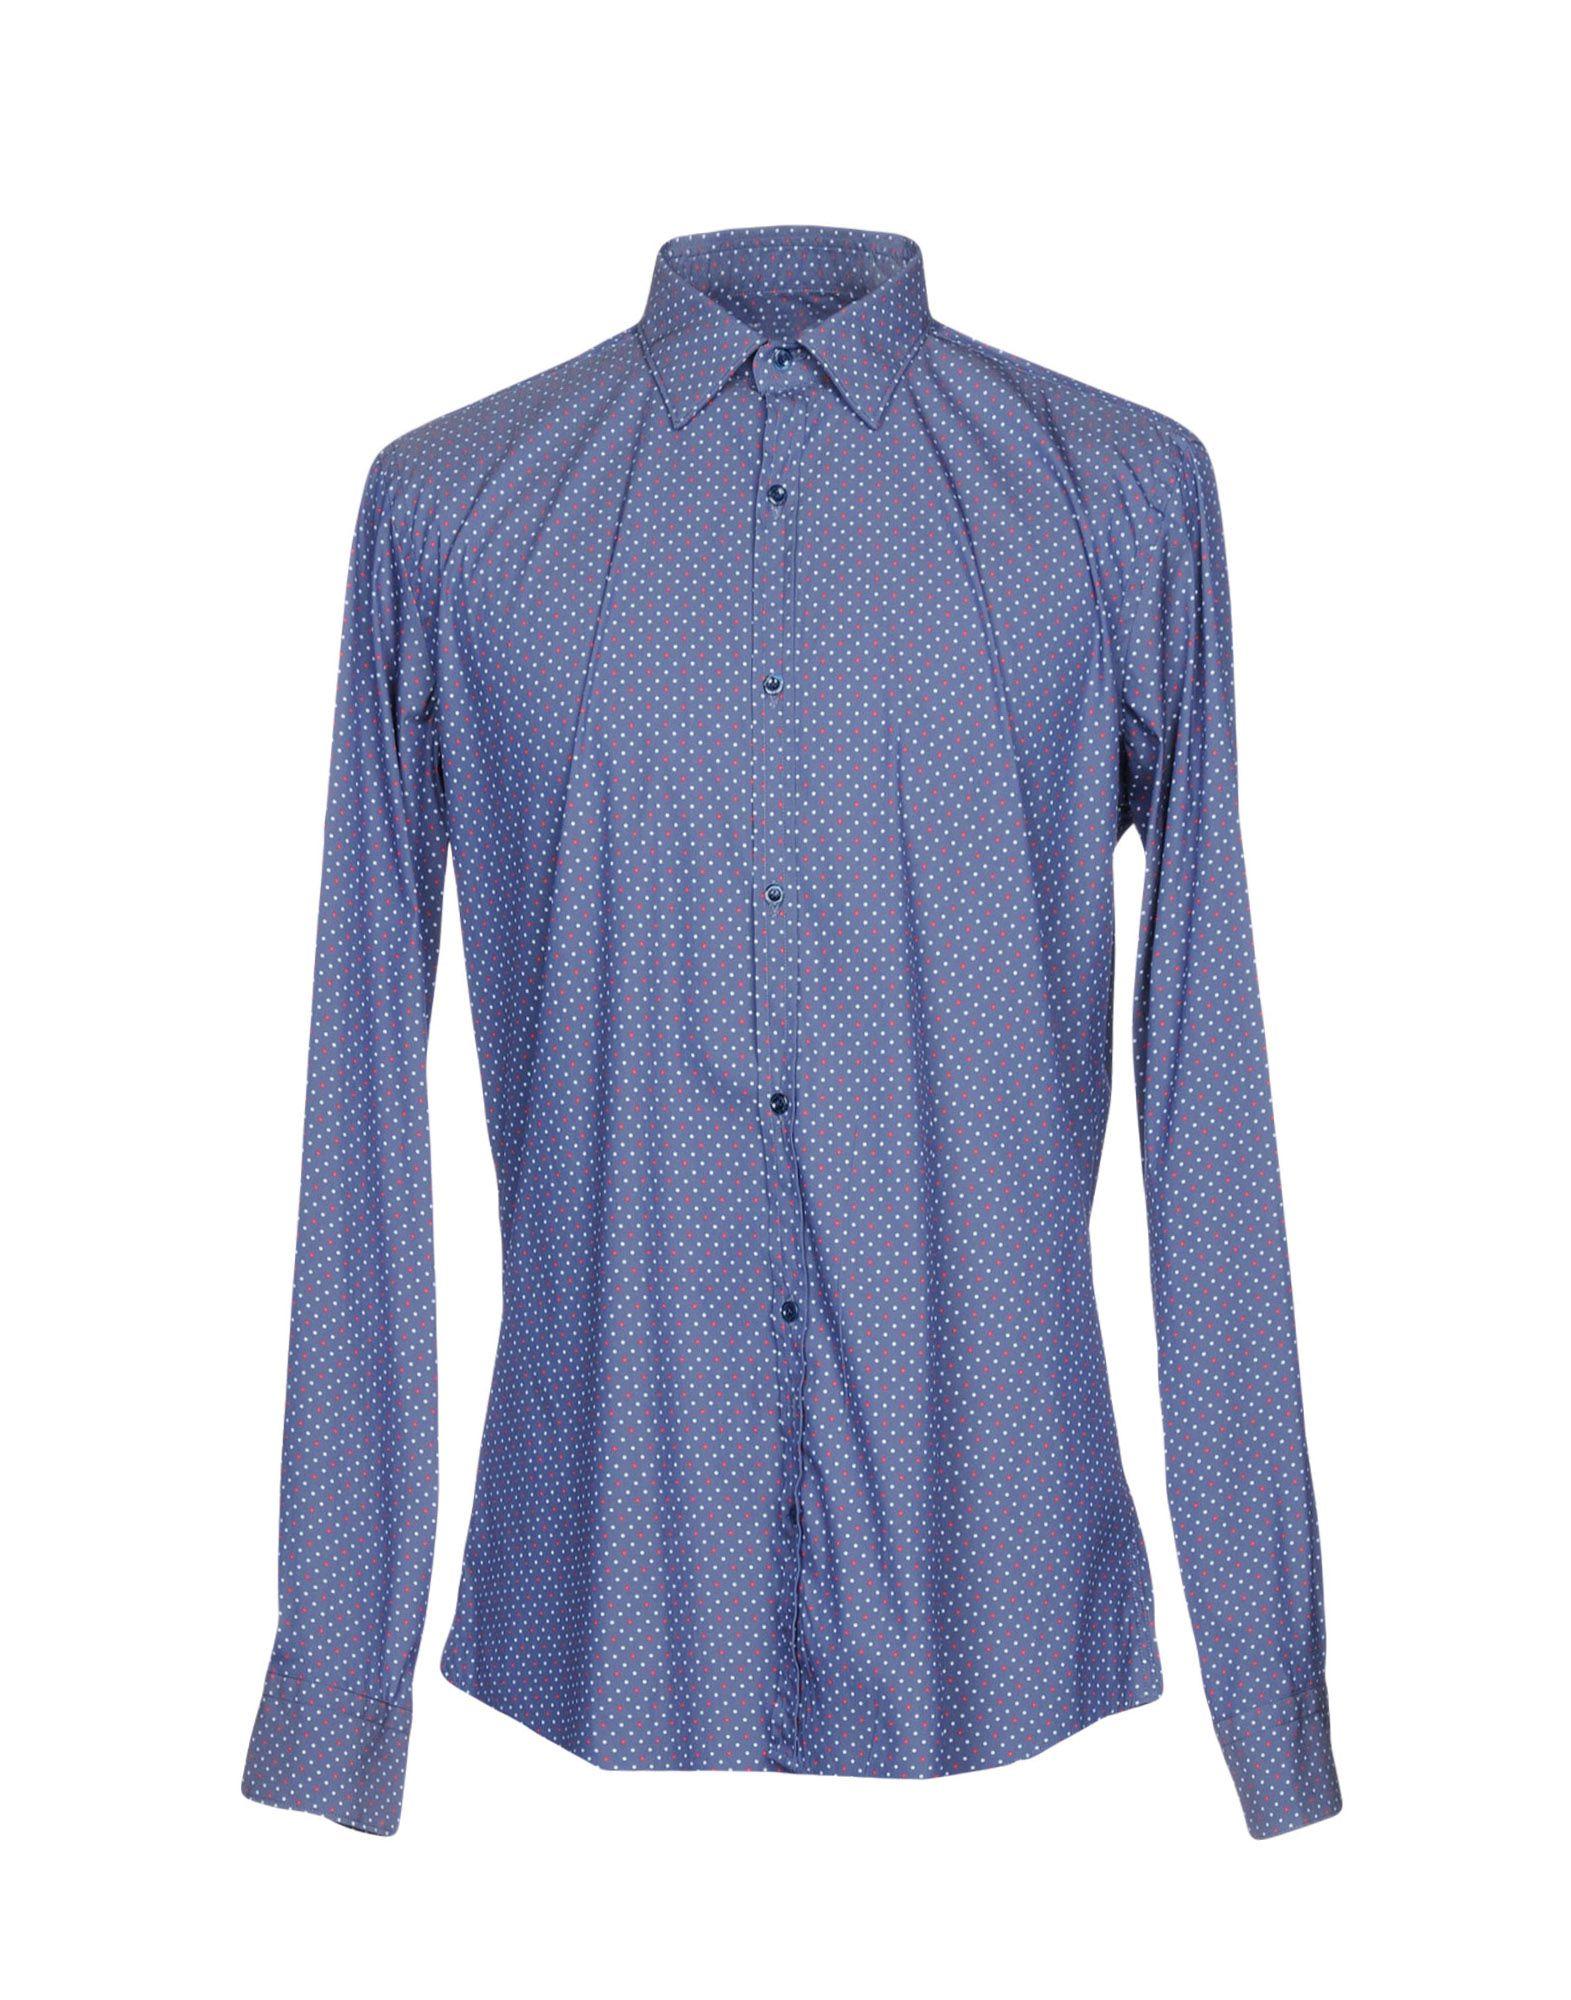 Camicia Fantasia Aglini Uomo Uomo Aglini - 38735896PW b7c38c